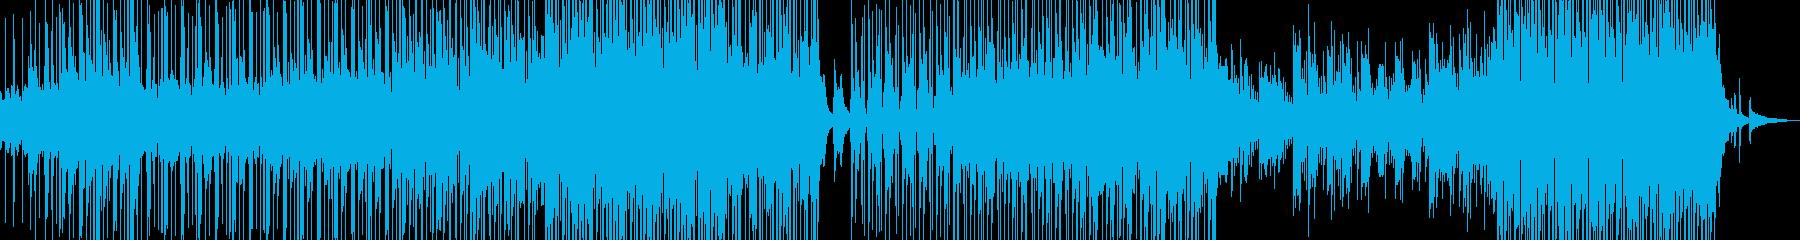 大切な人へ届けるイメージのR&B 長尺+の再生済みの波形